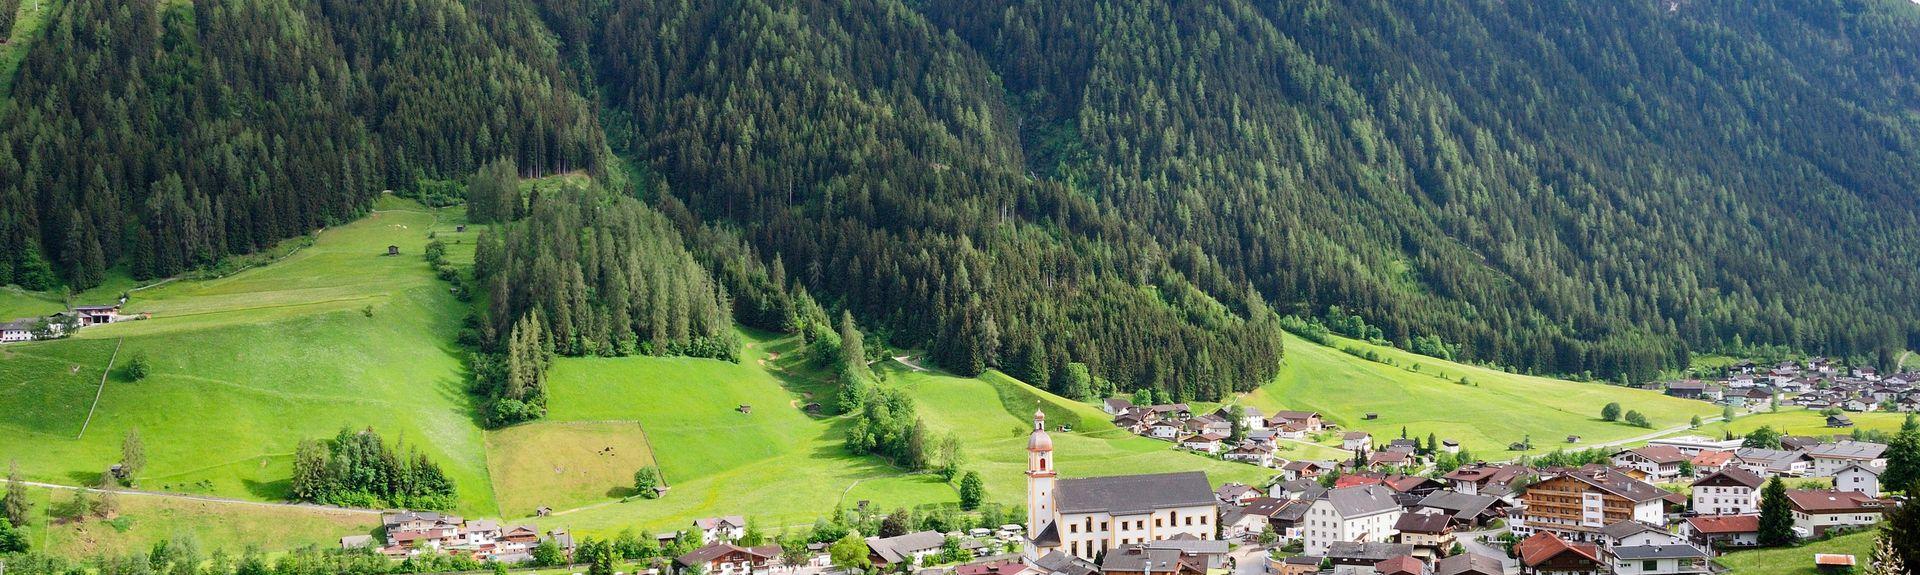 Stubaital, Tiroli, Itävalta